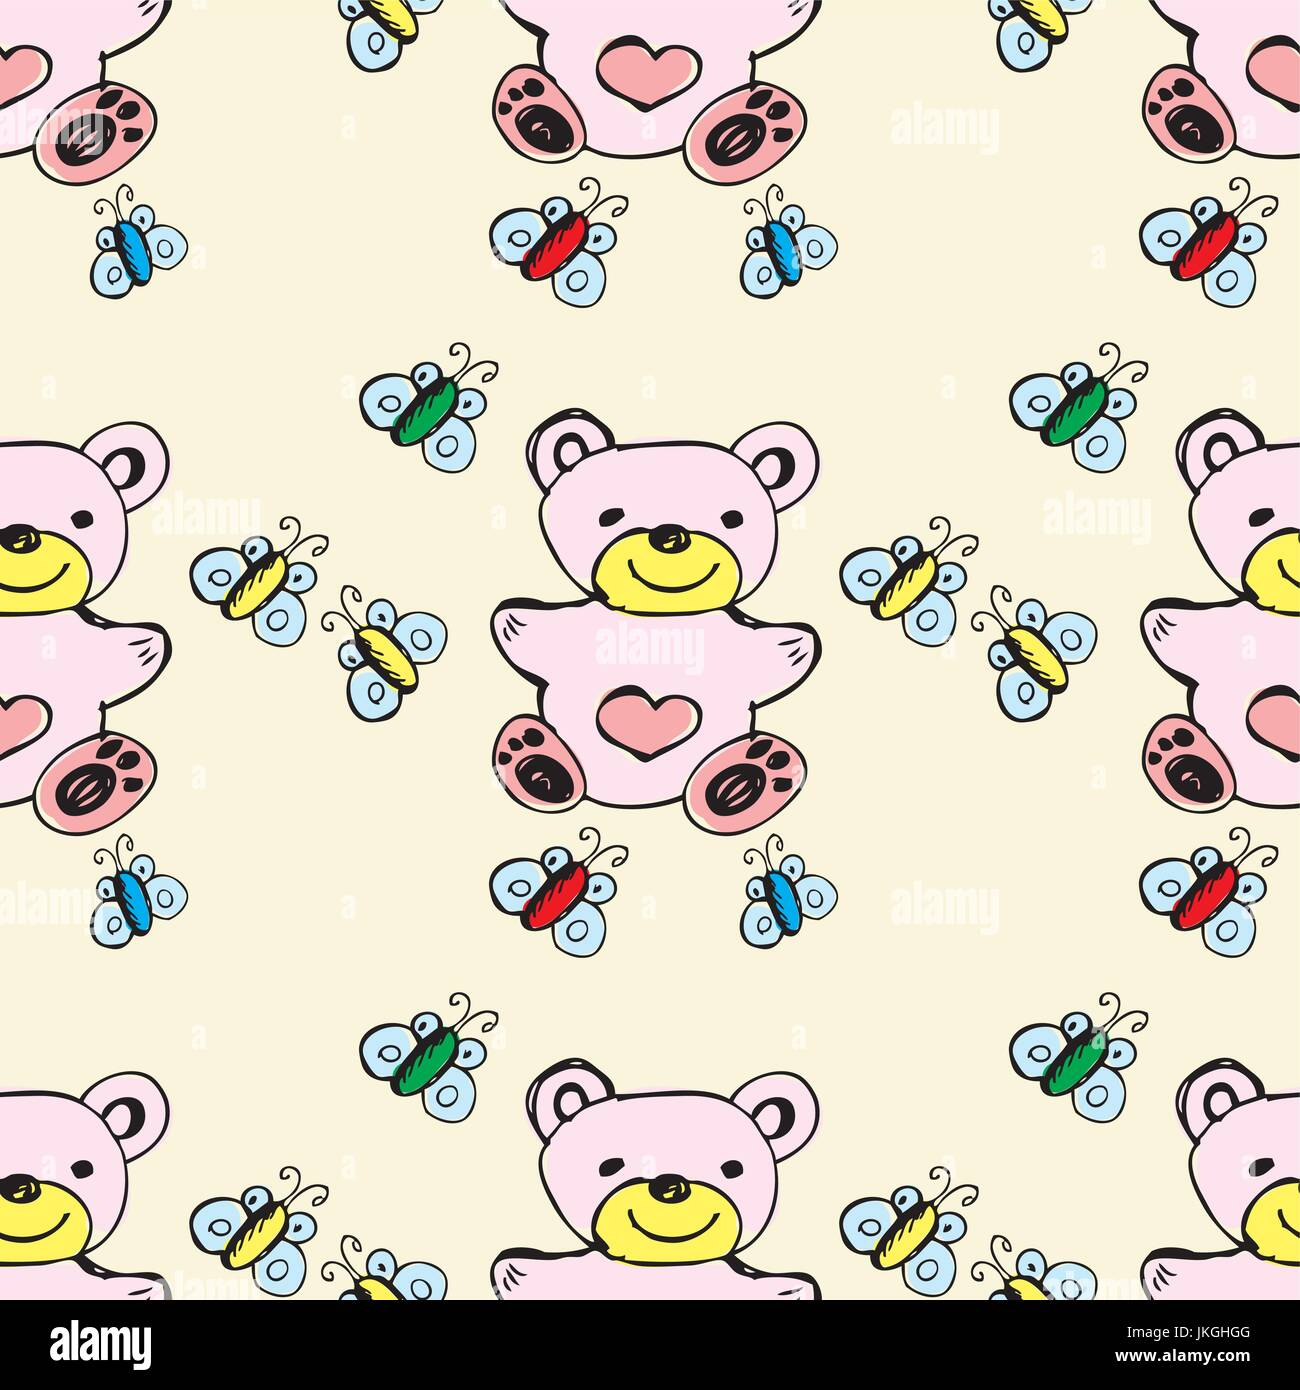 c82f42a1f4438b Nahtlose Muster niedlicher Bär und Schmetterling. Handzeichnung. Nahtlose  Muster kann verwendet werden